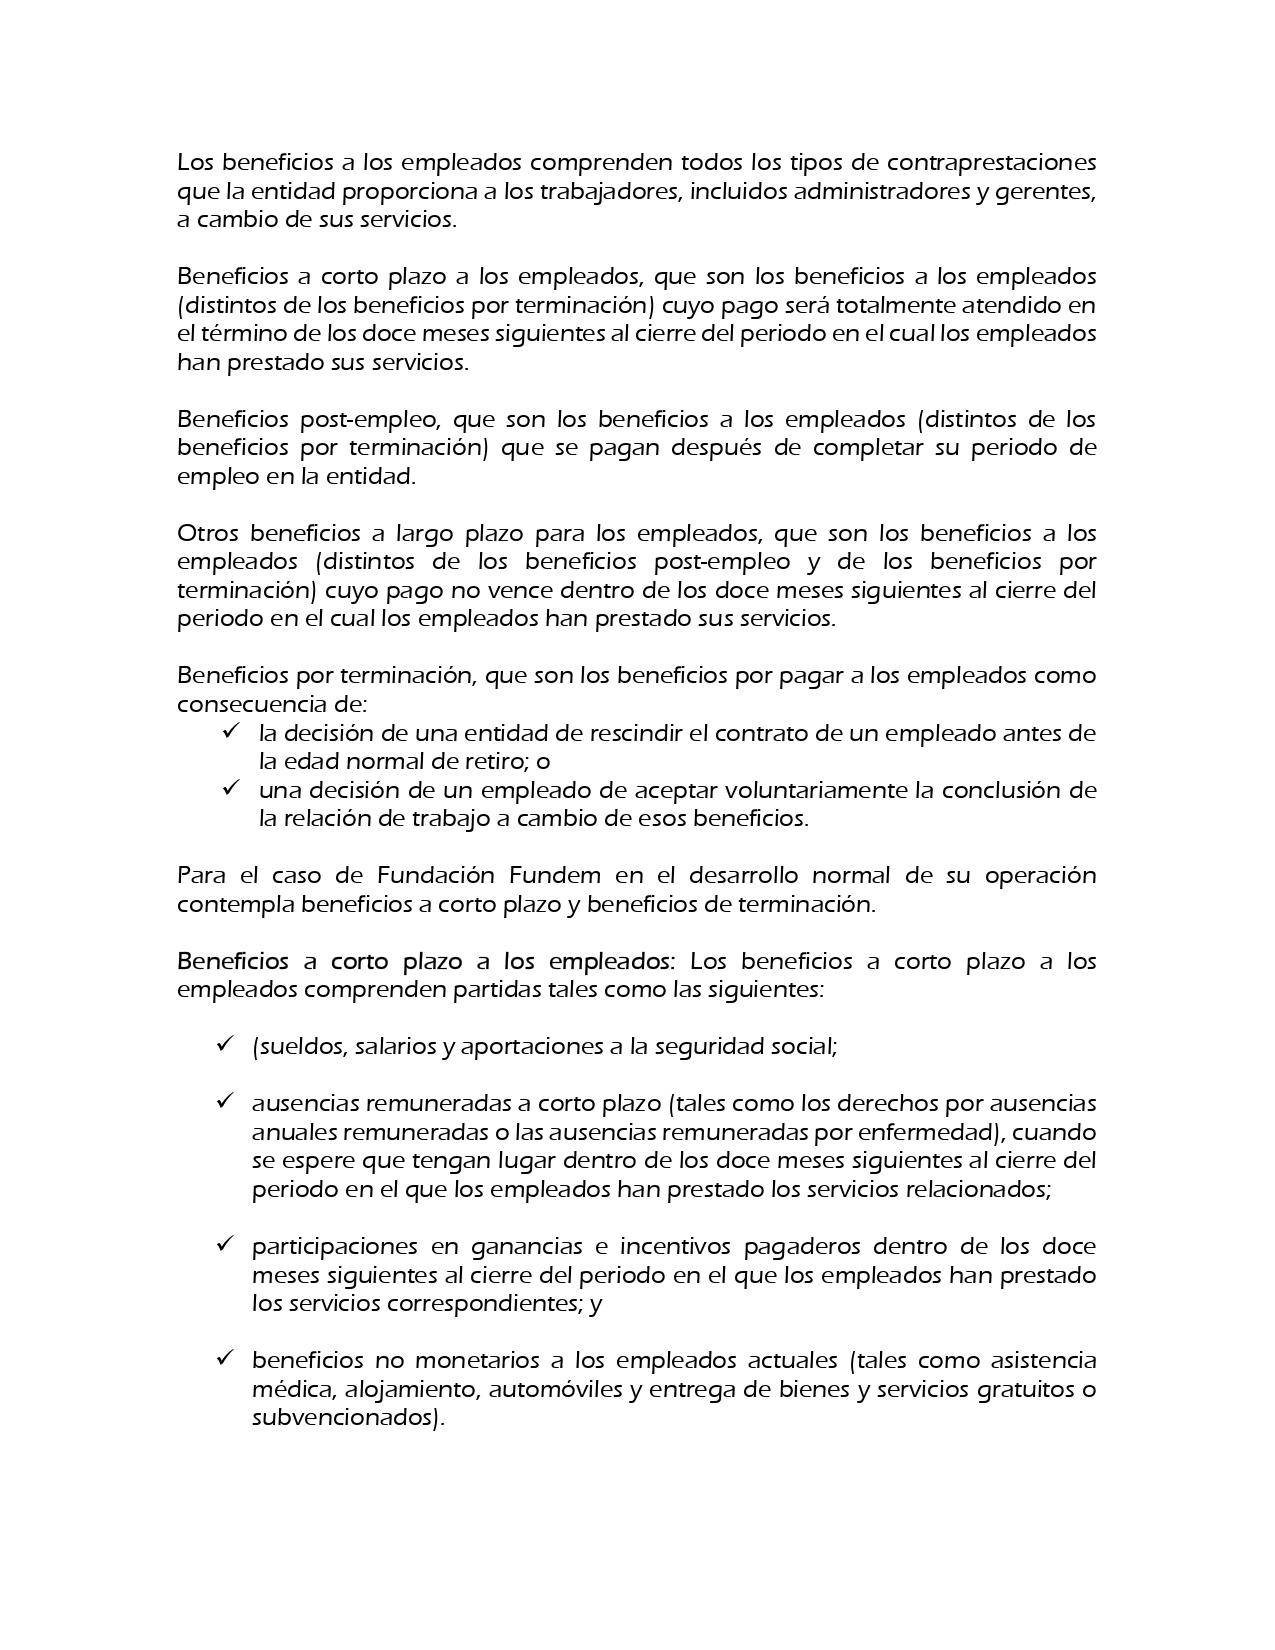 Estados Financieros Fundacion Fundem 2020_page-0027